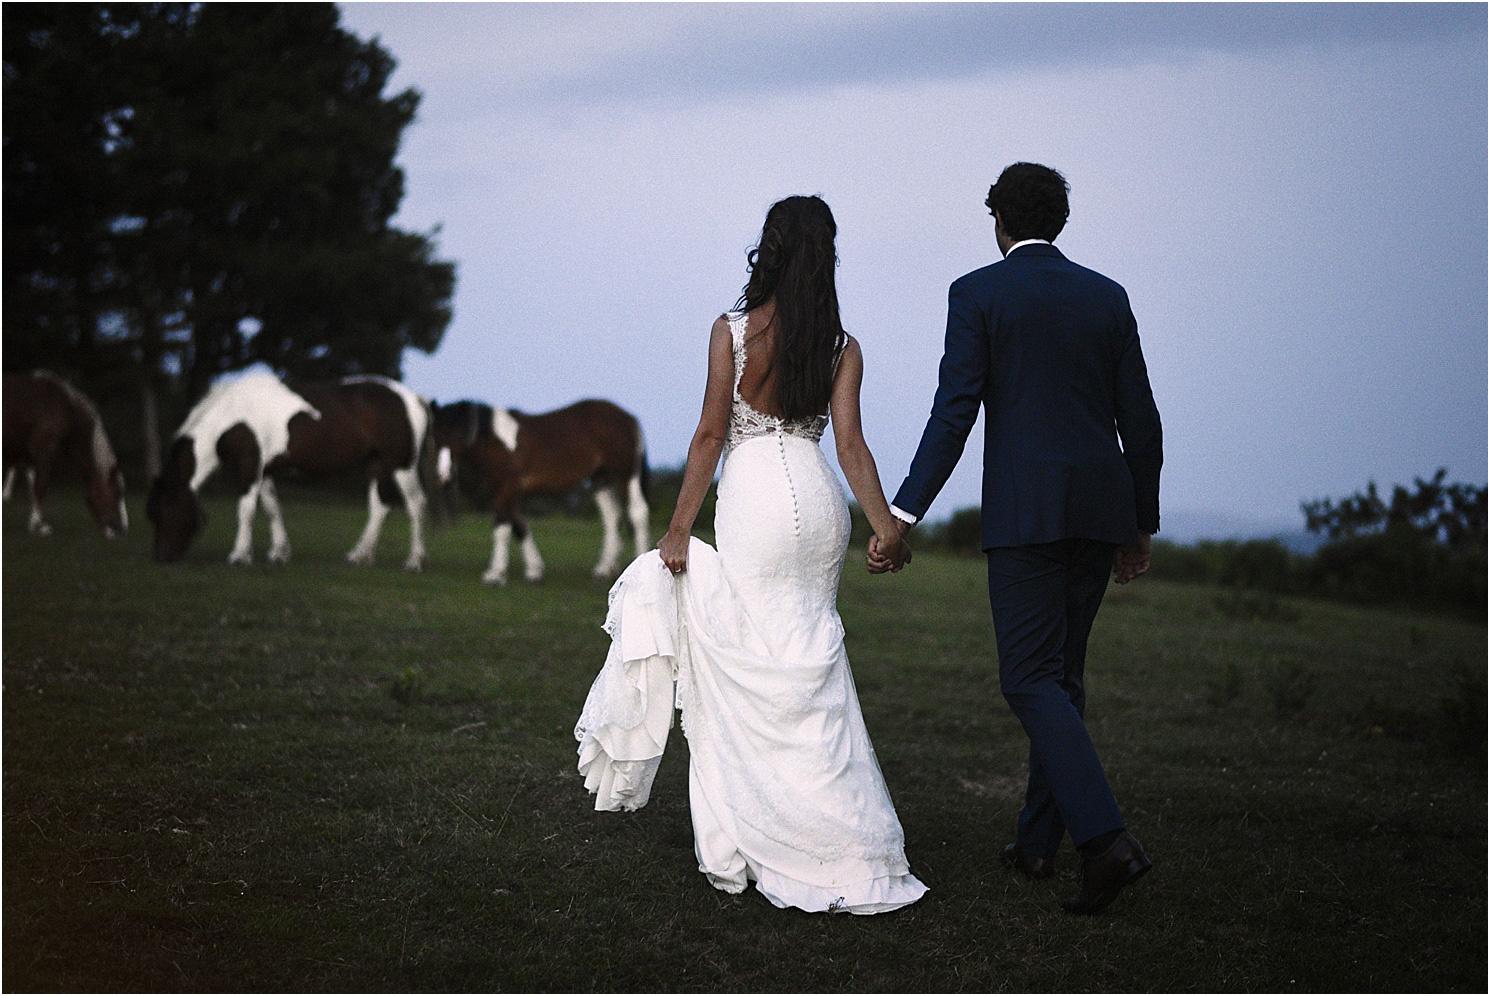 Destination wedding photographer San Sebastian - Destination wedding Donostia San Sebastián - Fotógrafo de bodas internacional-38